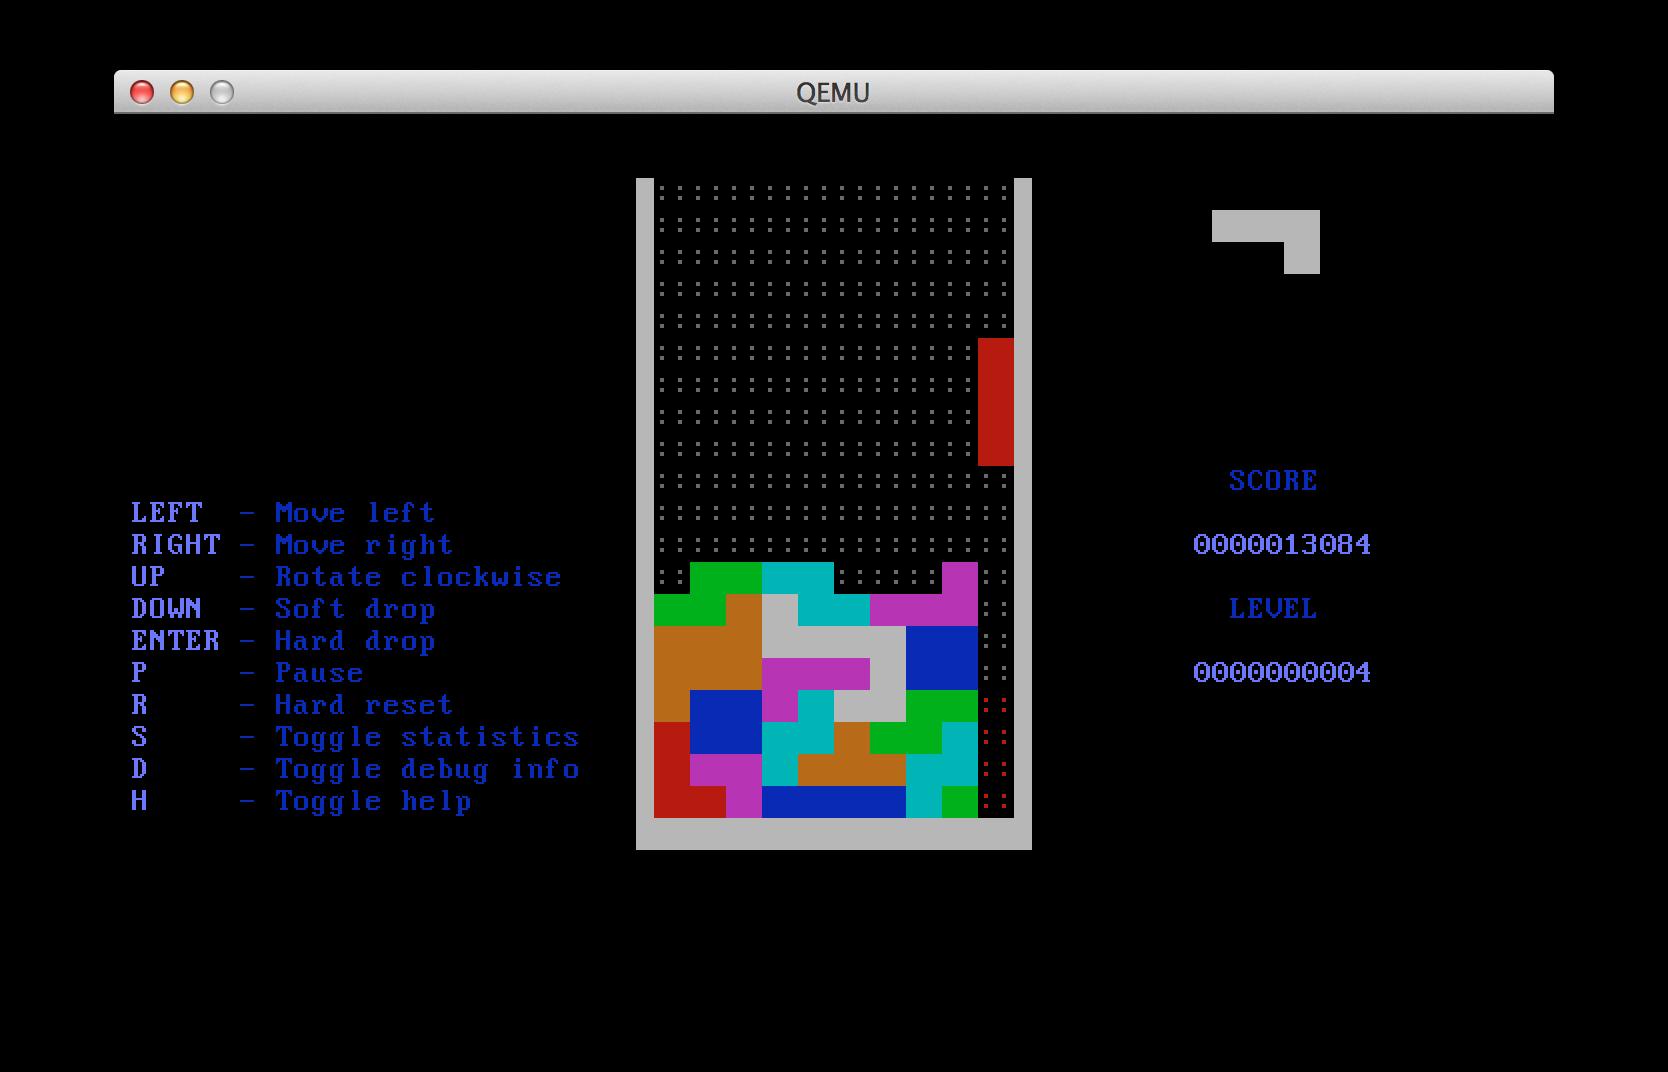 QEMU screenshot